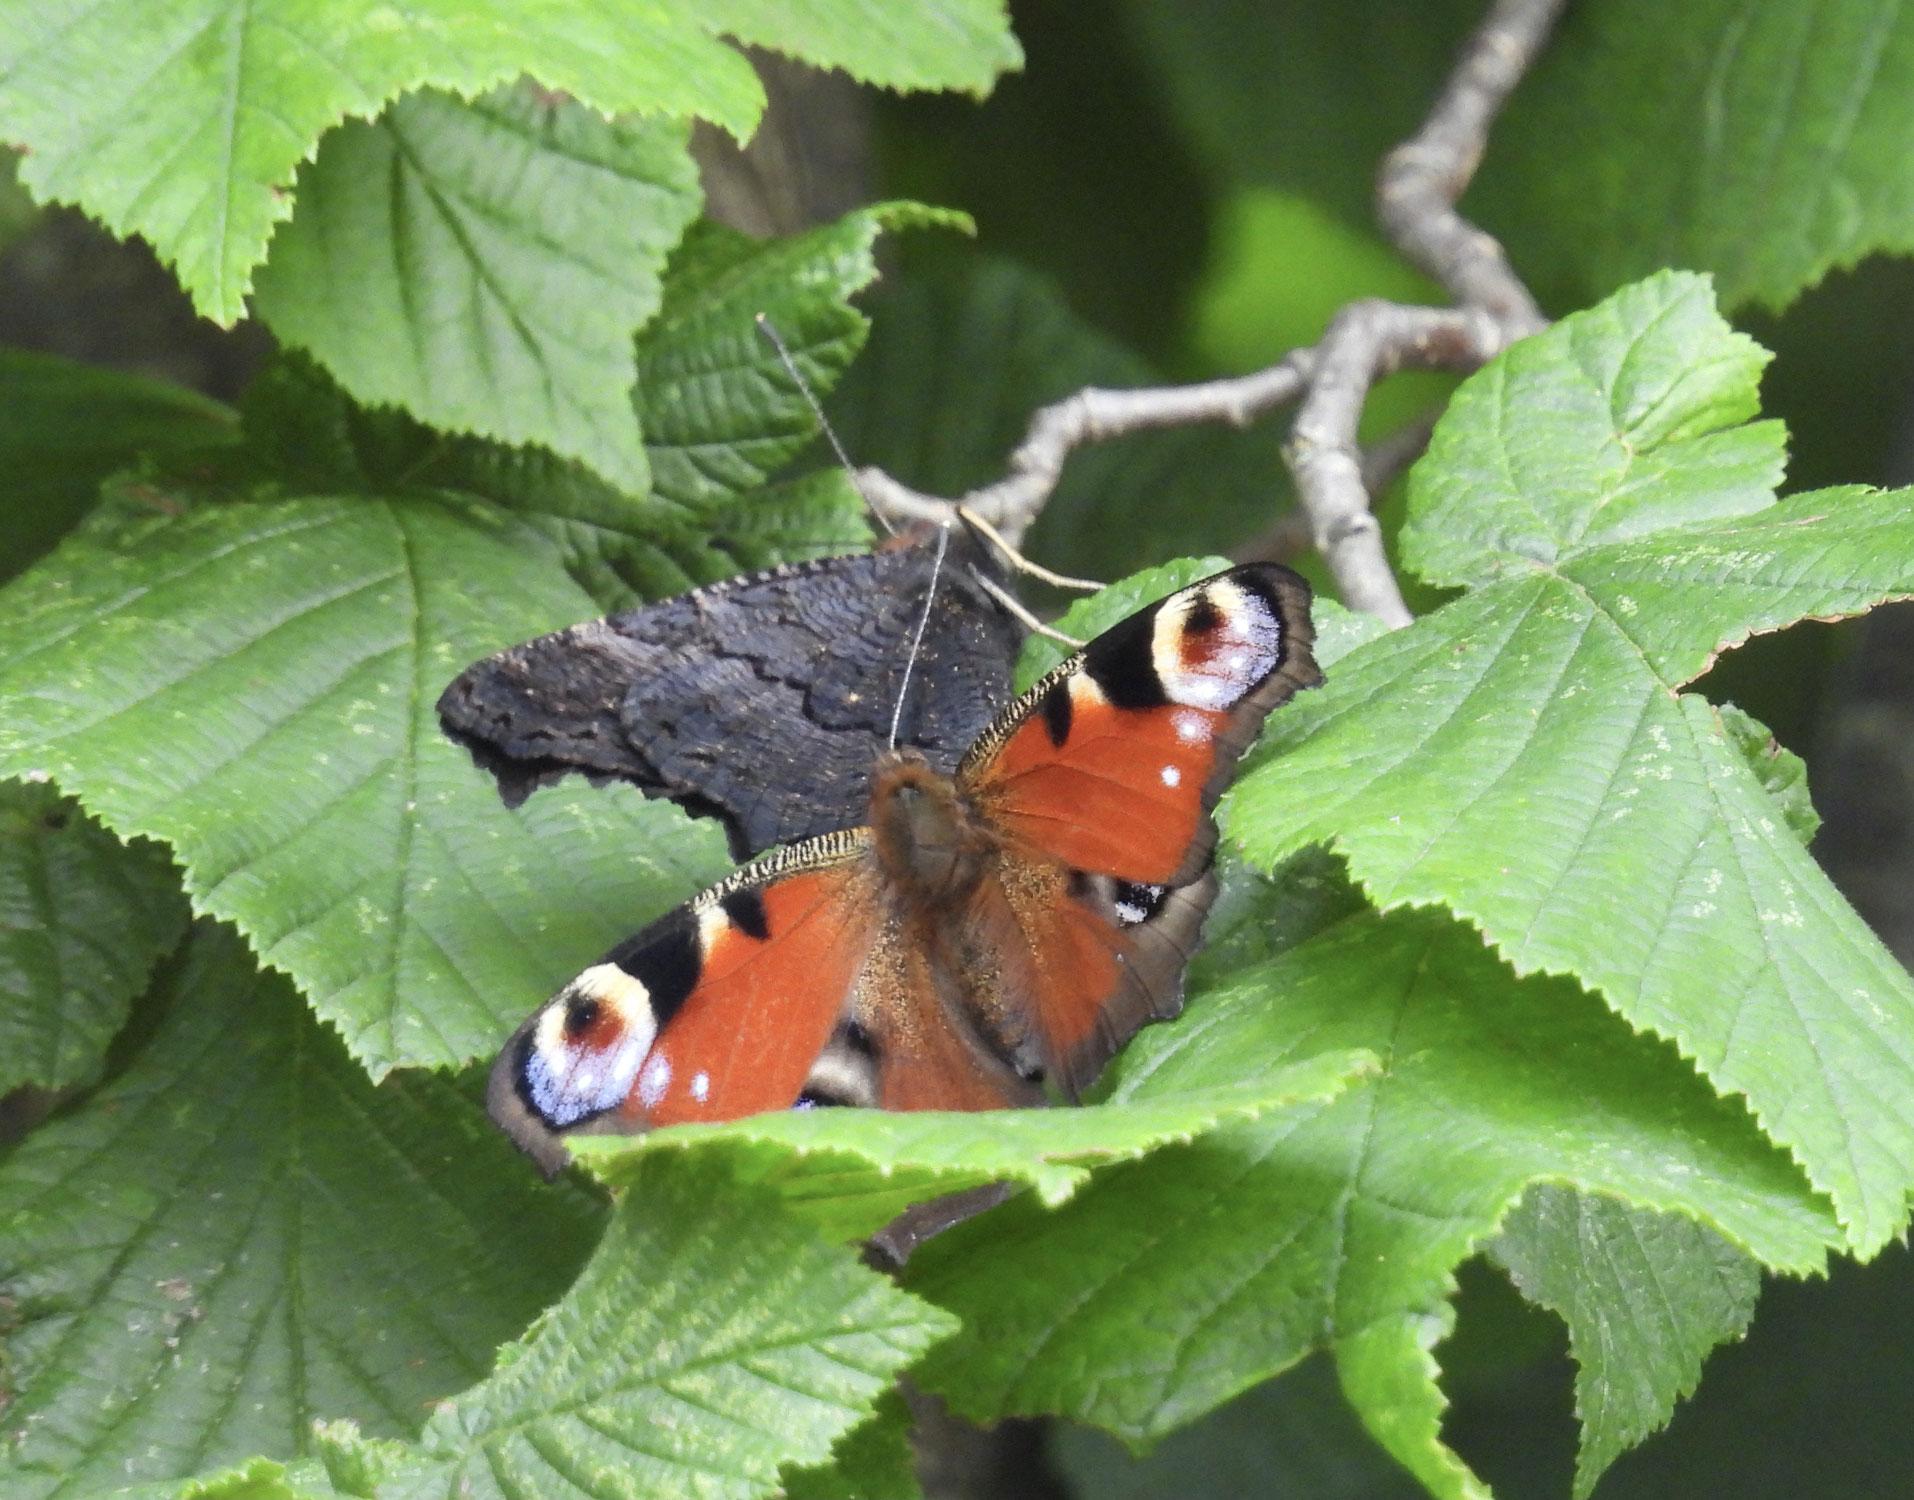 Insekten - Beobachtungen beim Insektensommer im August